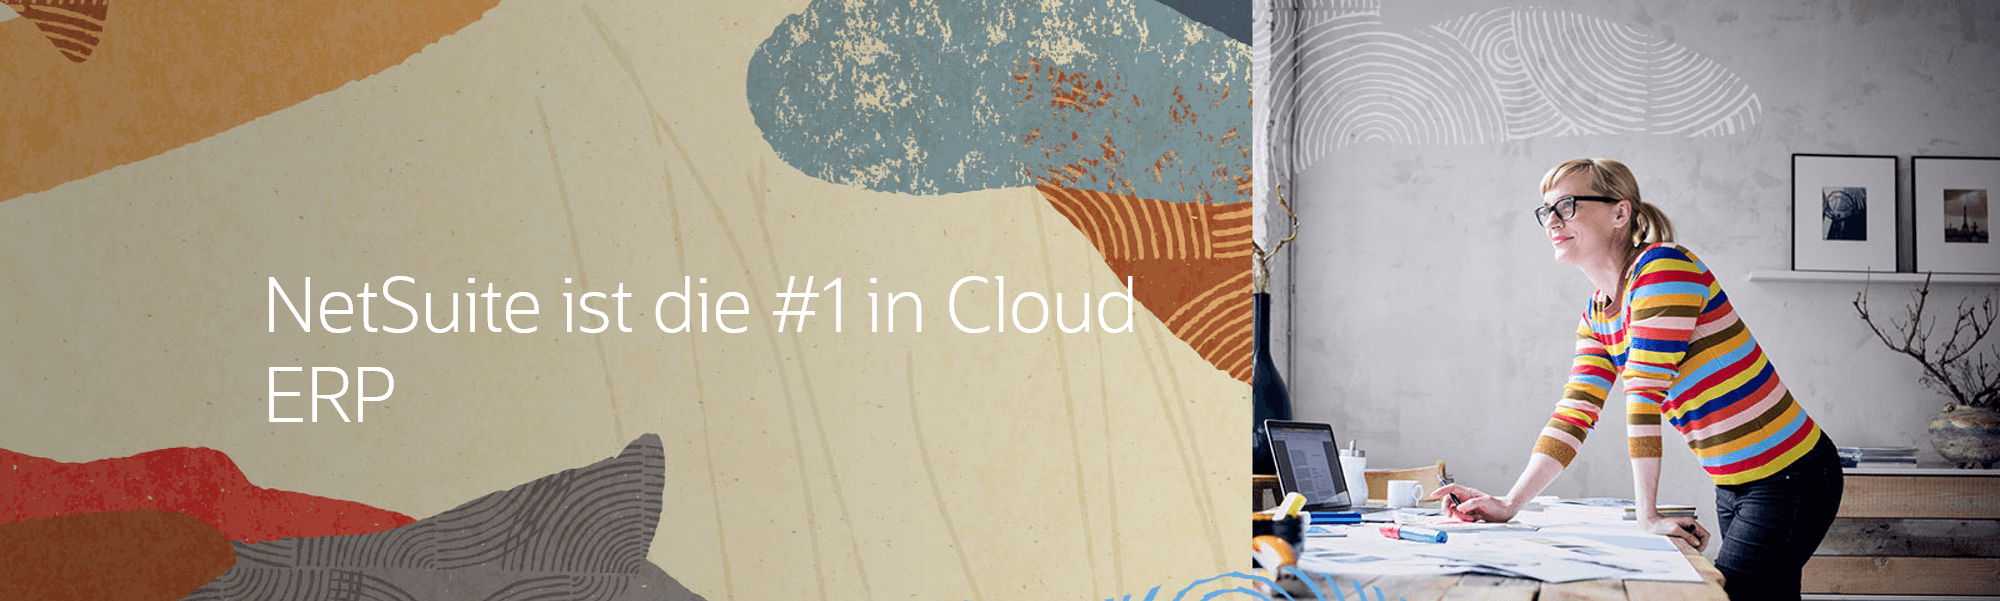 Bewertungen NetSuite: Der Leader im Bereich Cloud-ERP - Appvizer